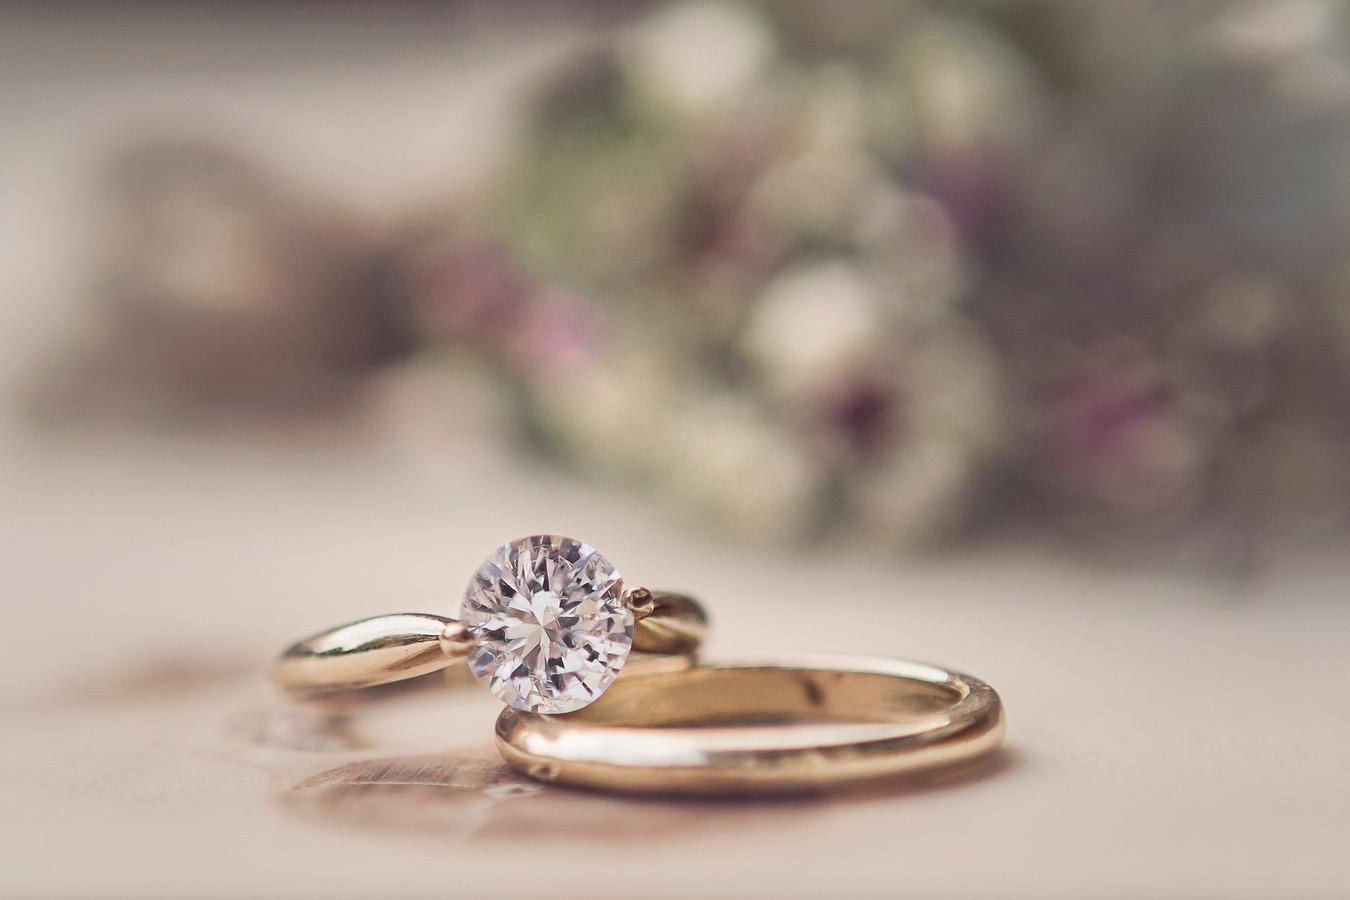 detailfoto ringen met gipskruid op de achtergrond oldenzaal